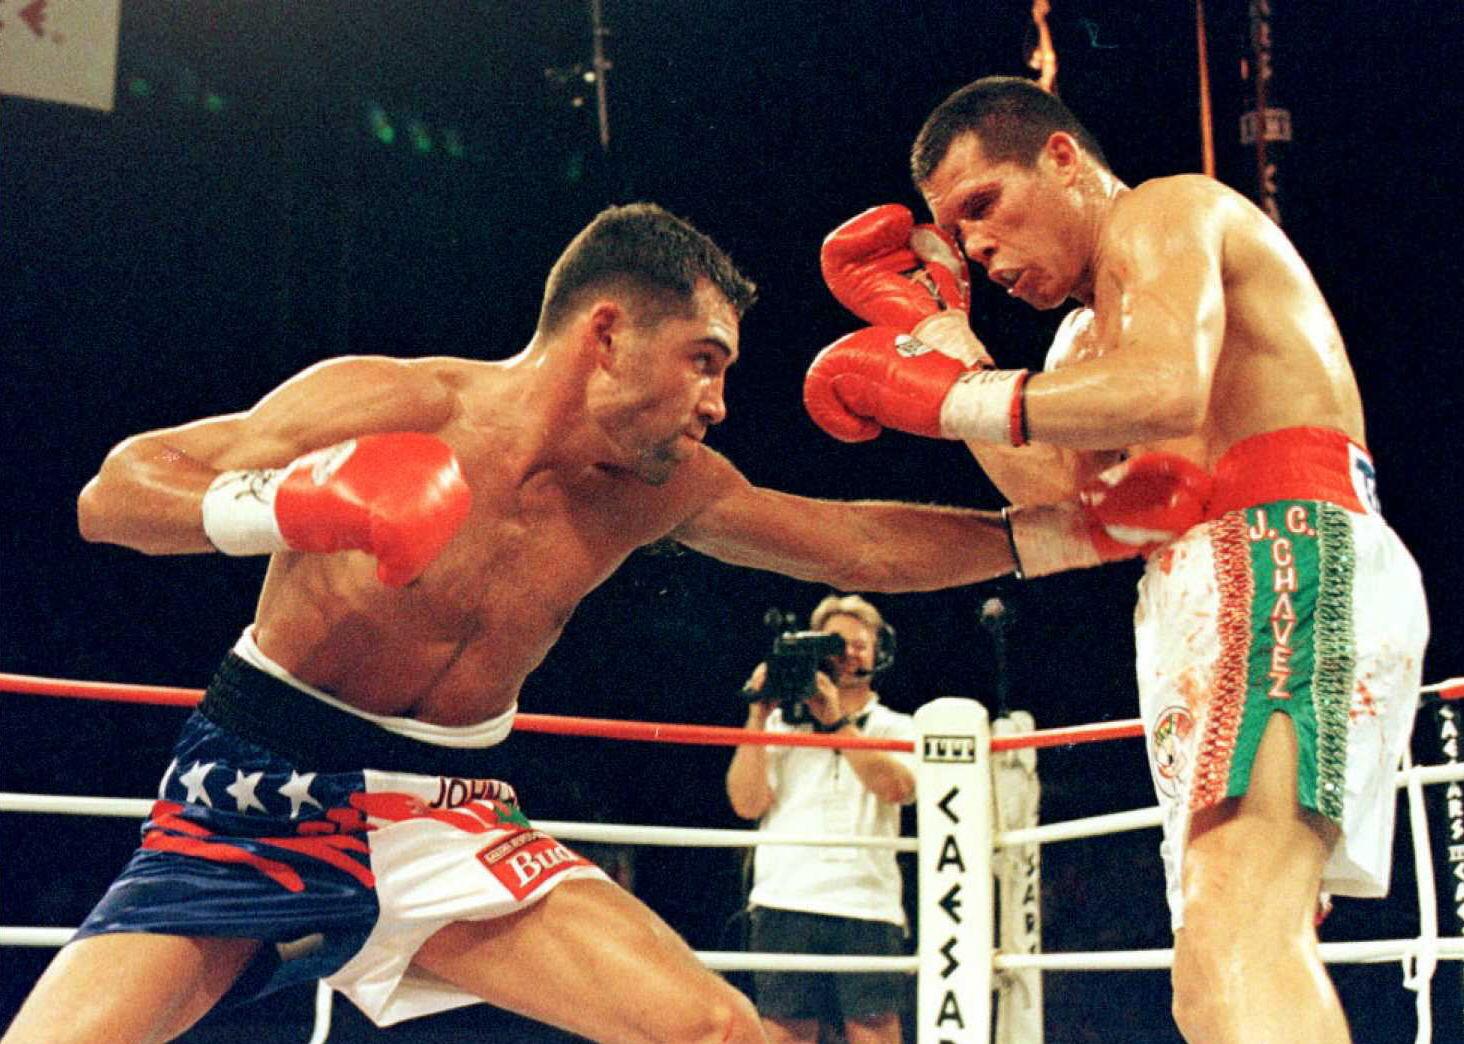 Oscar de la Hoya (L) lands a left against WBC Supe